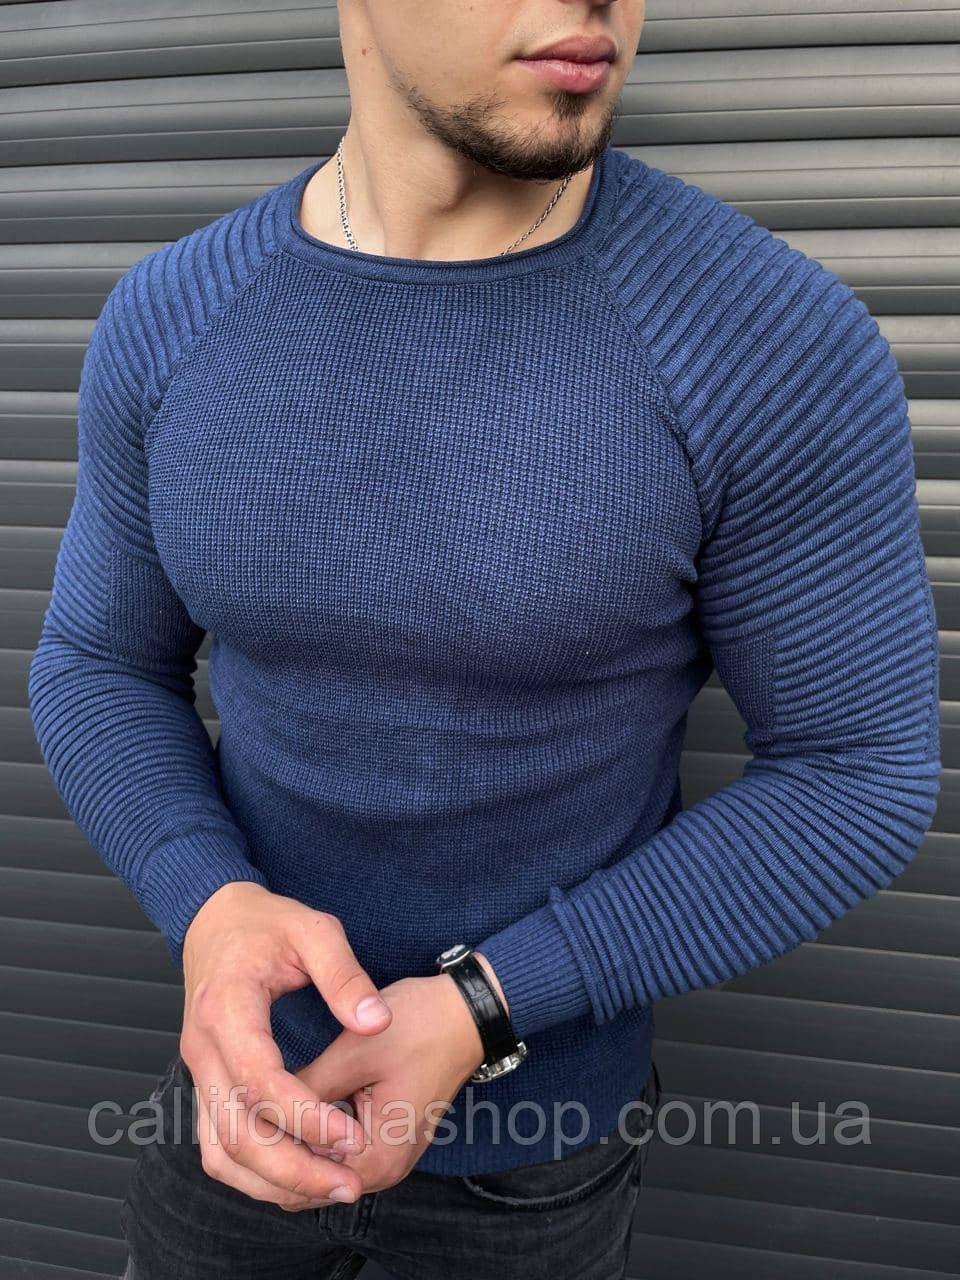 Чоловічий светр чоловічий синього кольору з круглим вирізом ребристі рукава